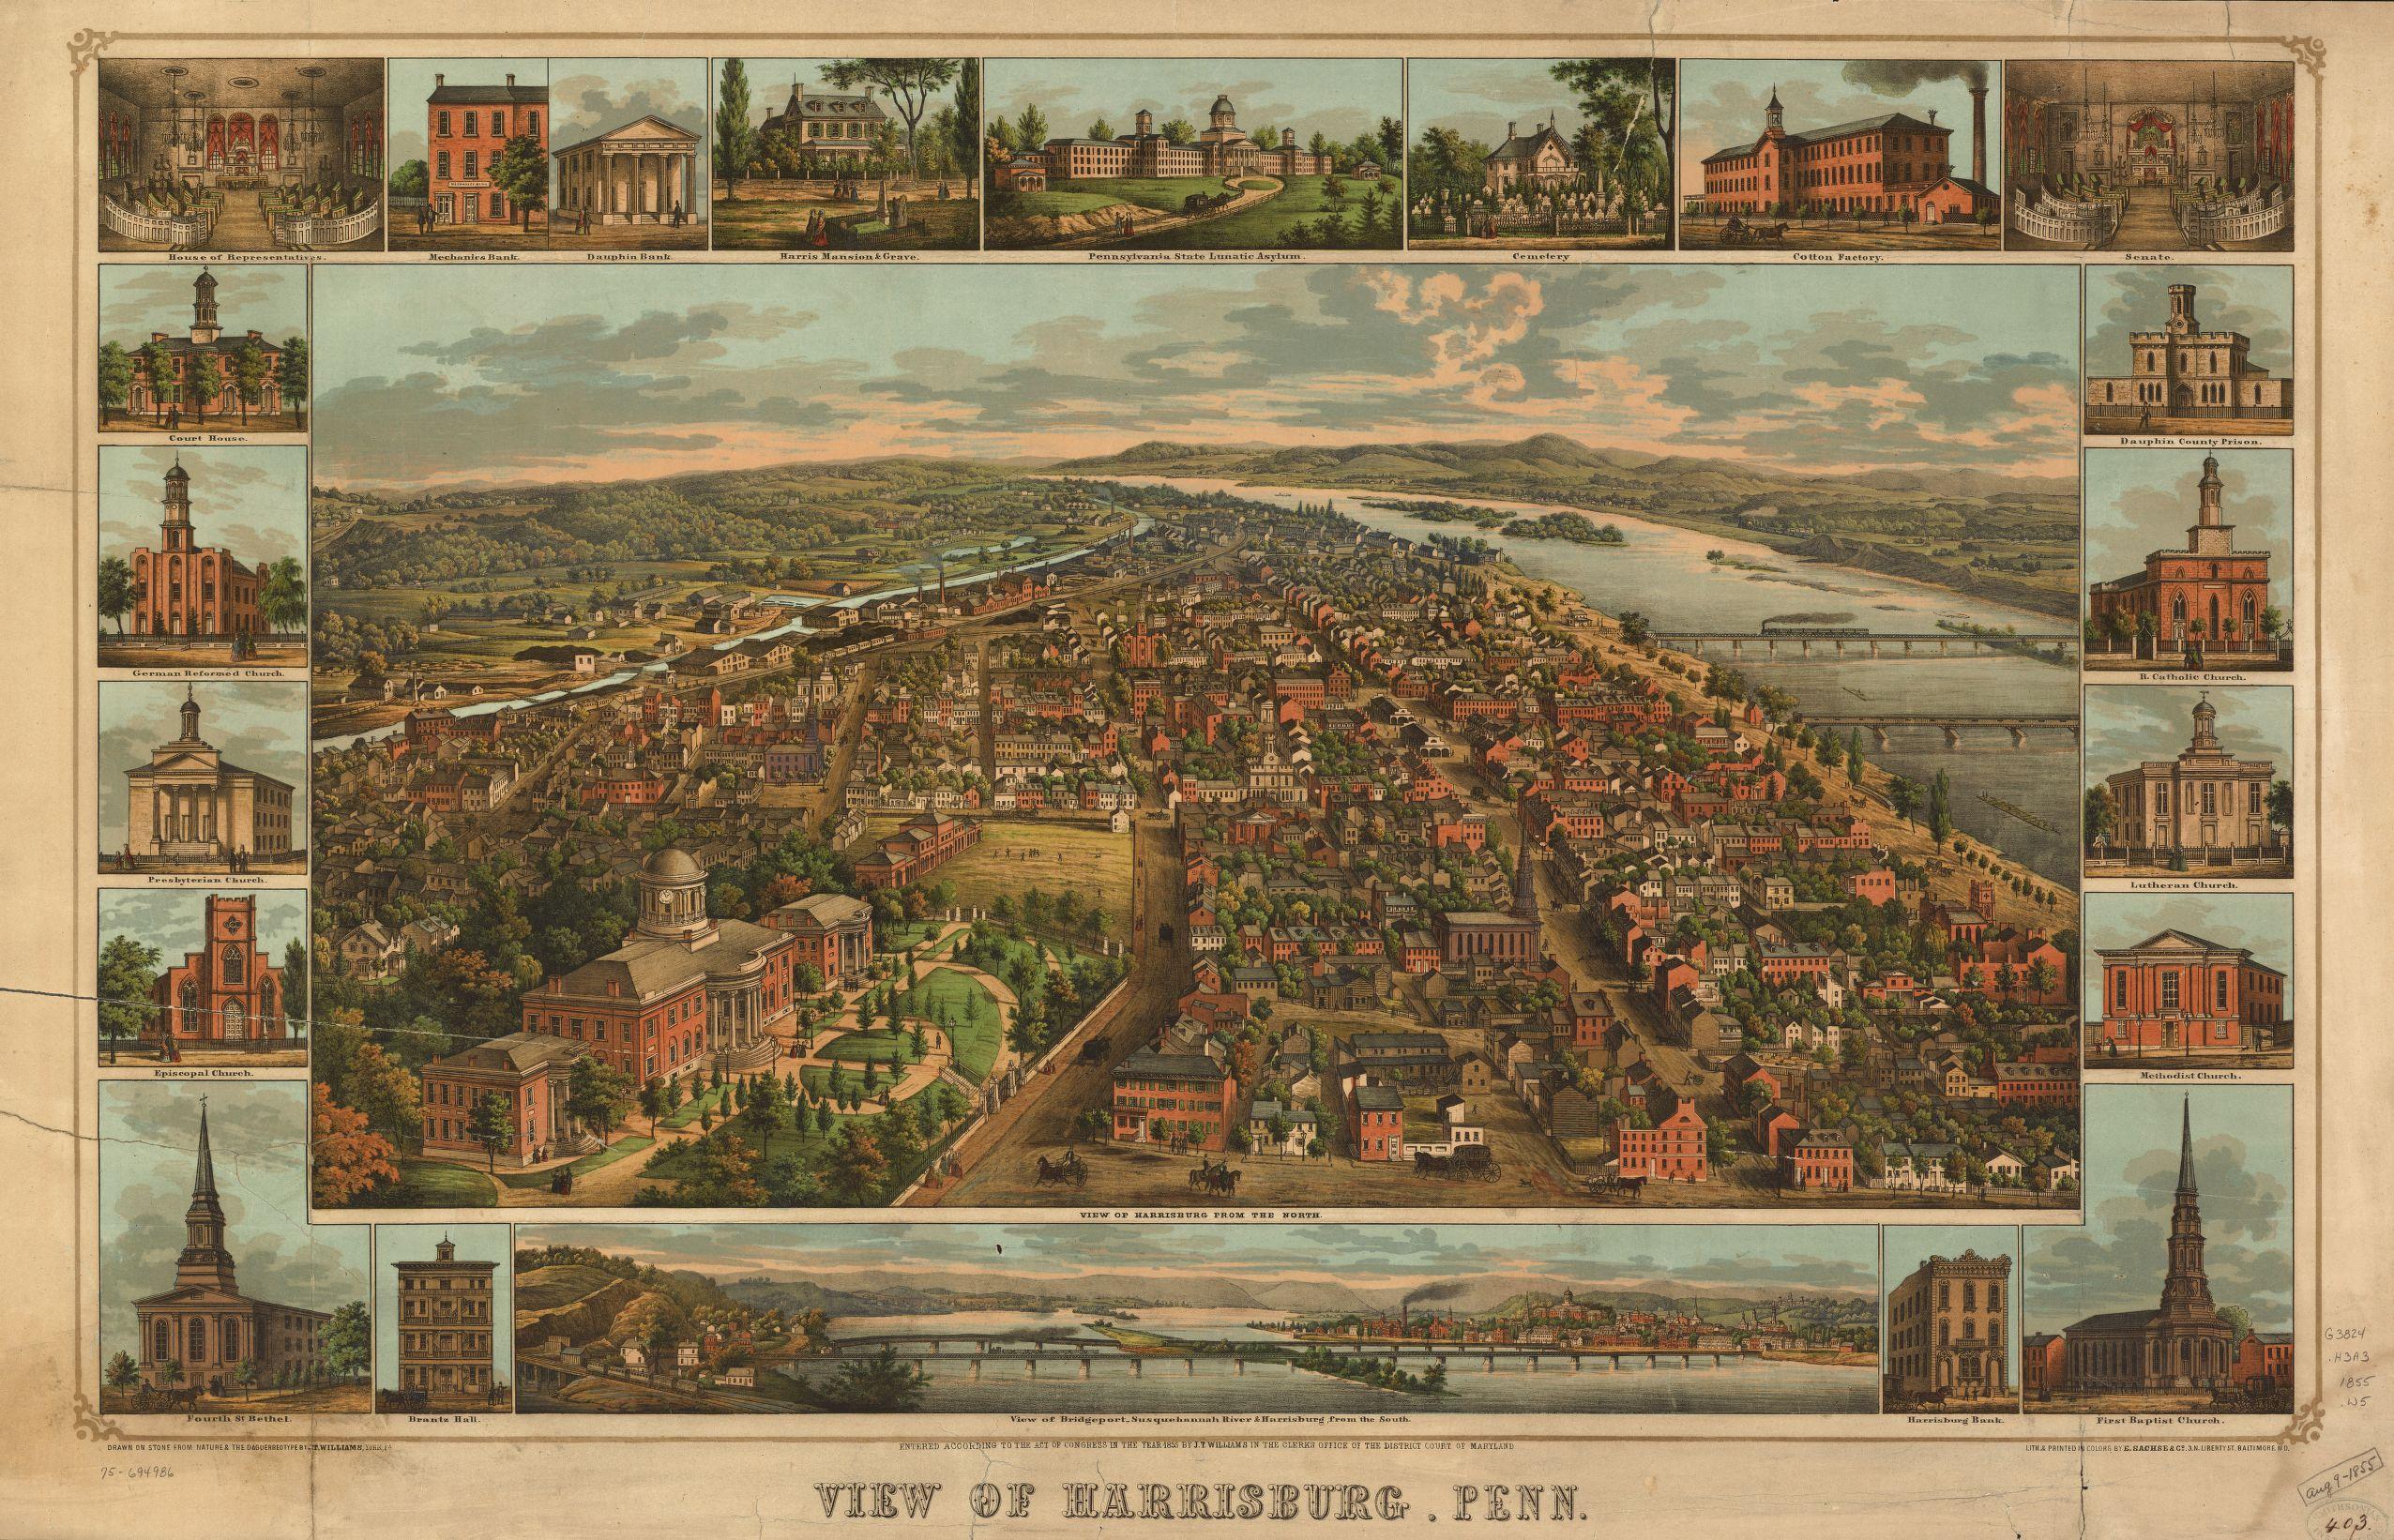 File:PA Harrisburg 1855 Map.jpg - Wikimedia Commons